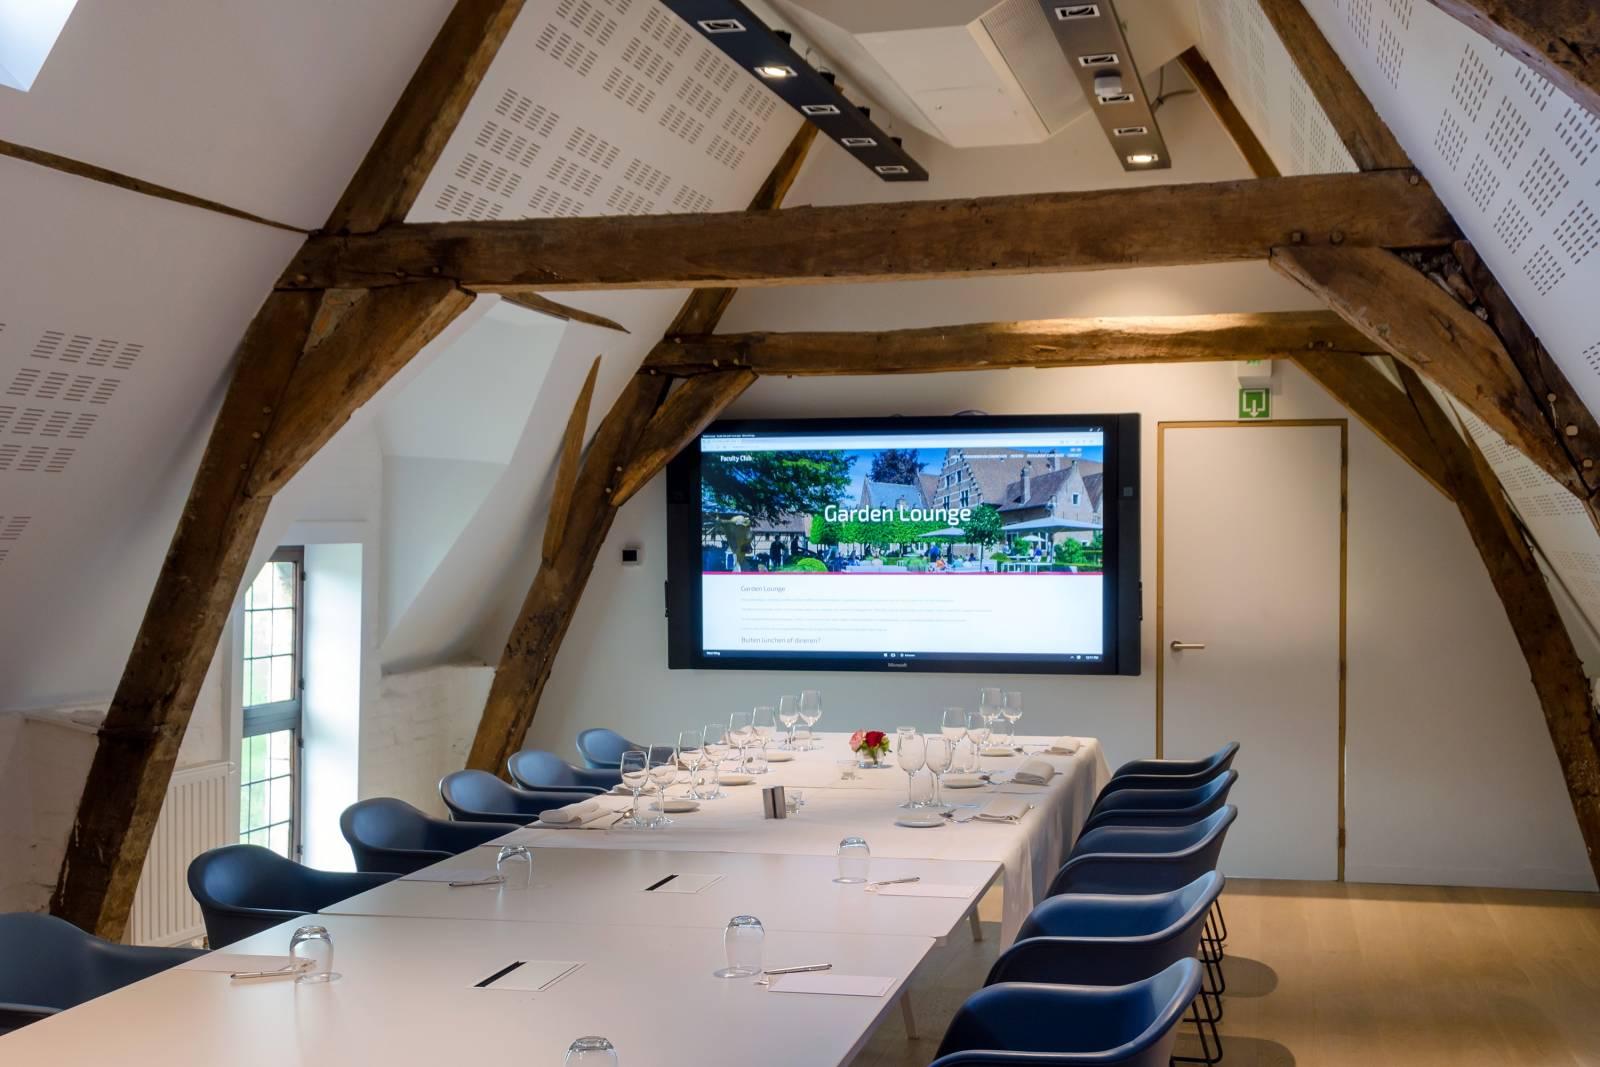 Faculty Club - Feestzaal - Feestlocatie - Rustiek - Historisch - Leuven (Vlaams-Brabant) - House of Events - 39